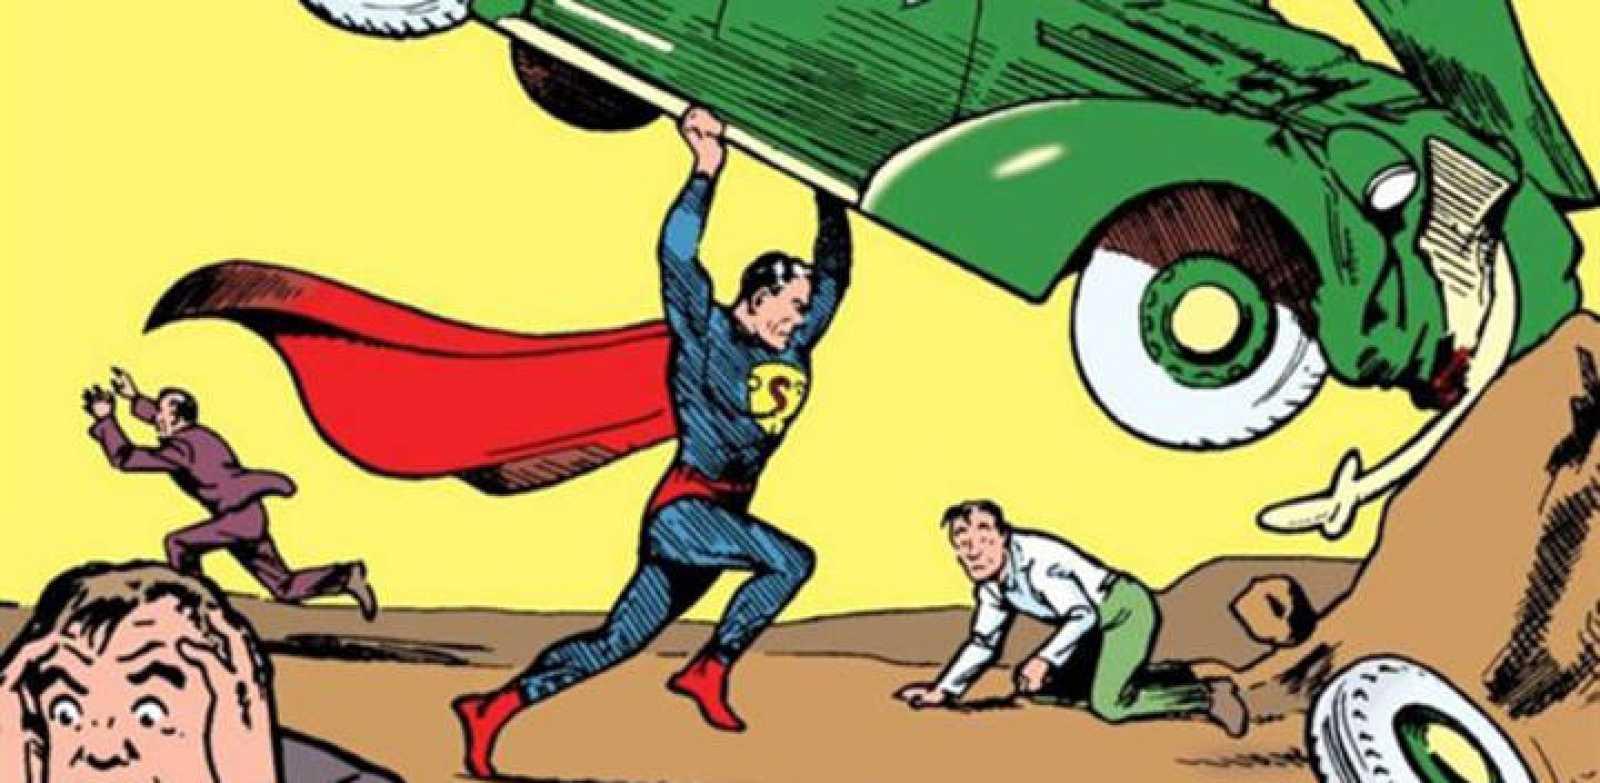 Fragmento de la portada del 'Action comics' Nº 1, publicado en 1938, el origen de Superman y también del género de superhéroes.